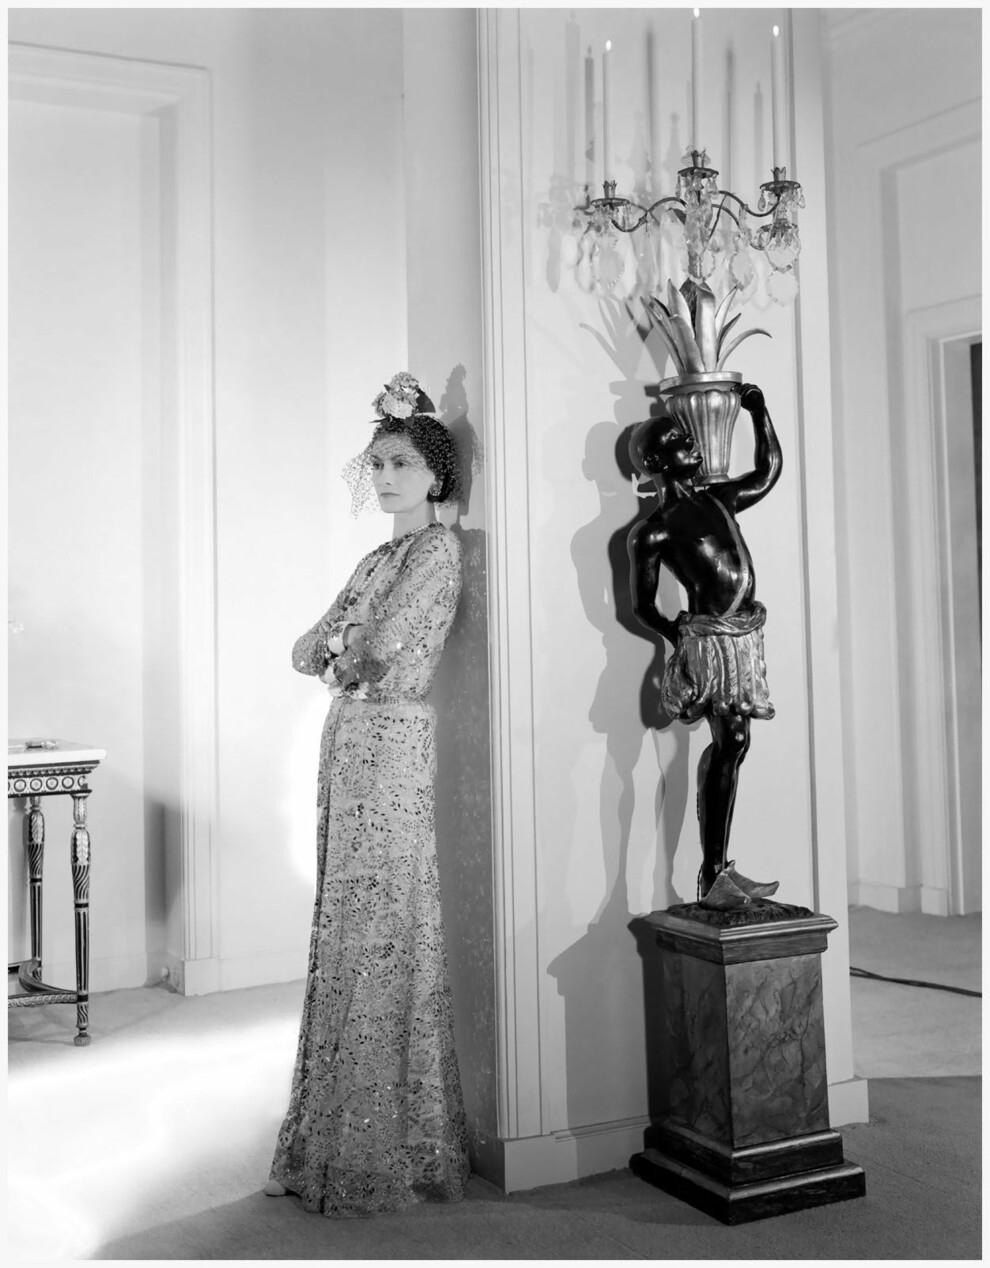 За кадром. Смотрите, как снимали рекламу Chanel №5 с Марион Котийяр (ФОТО+ВИДЕО) - фото №4